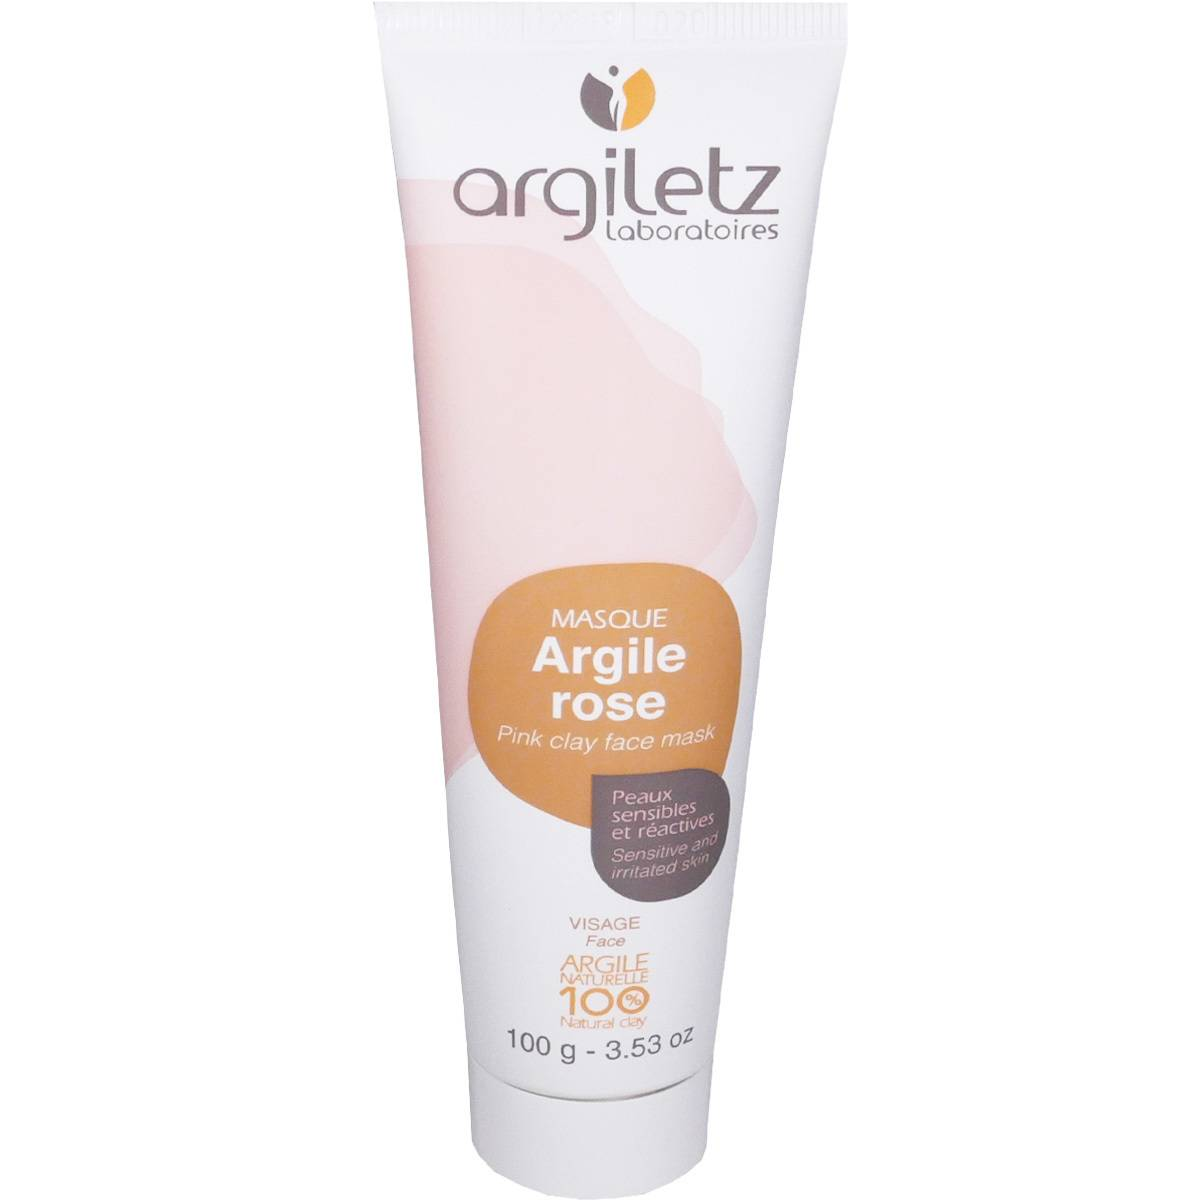 Argiletz argile rose peaux sensibles et reactives 100 g